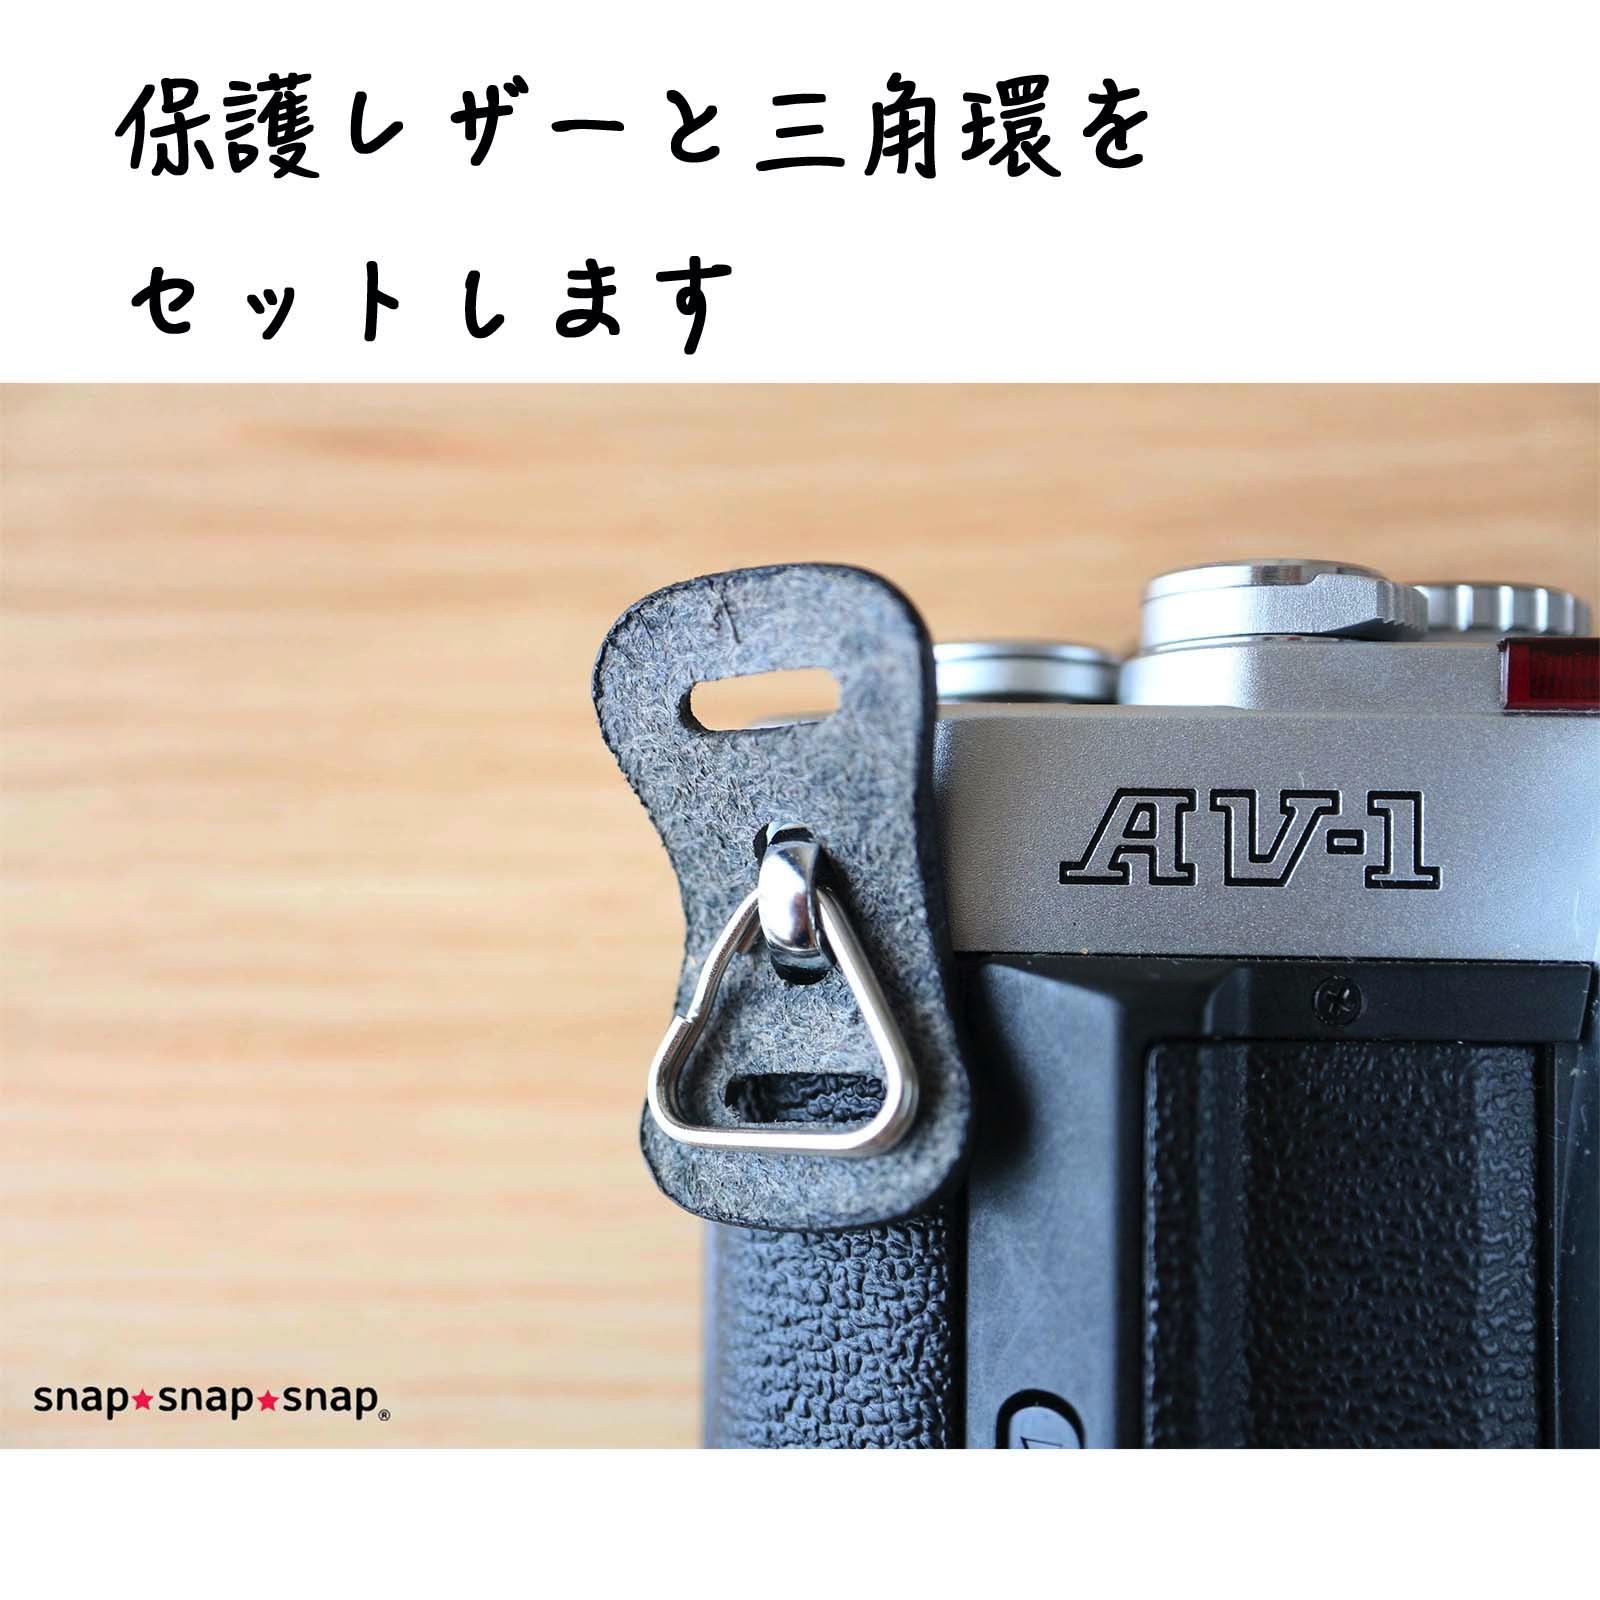 保護レザー&三角環セット イタリアンレザーBLACK